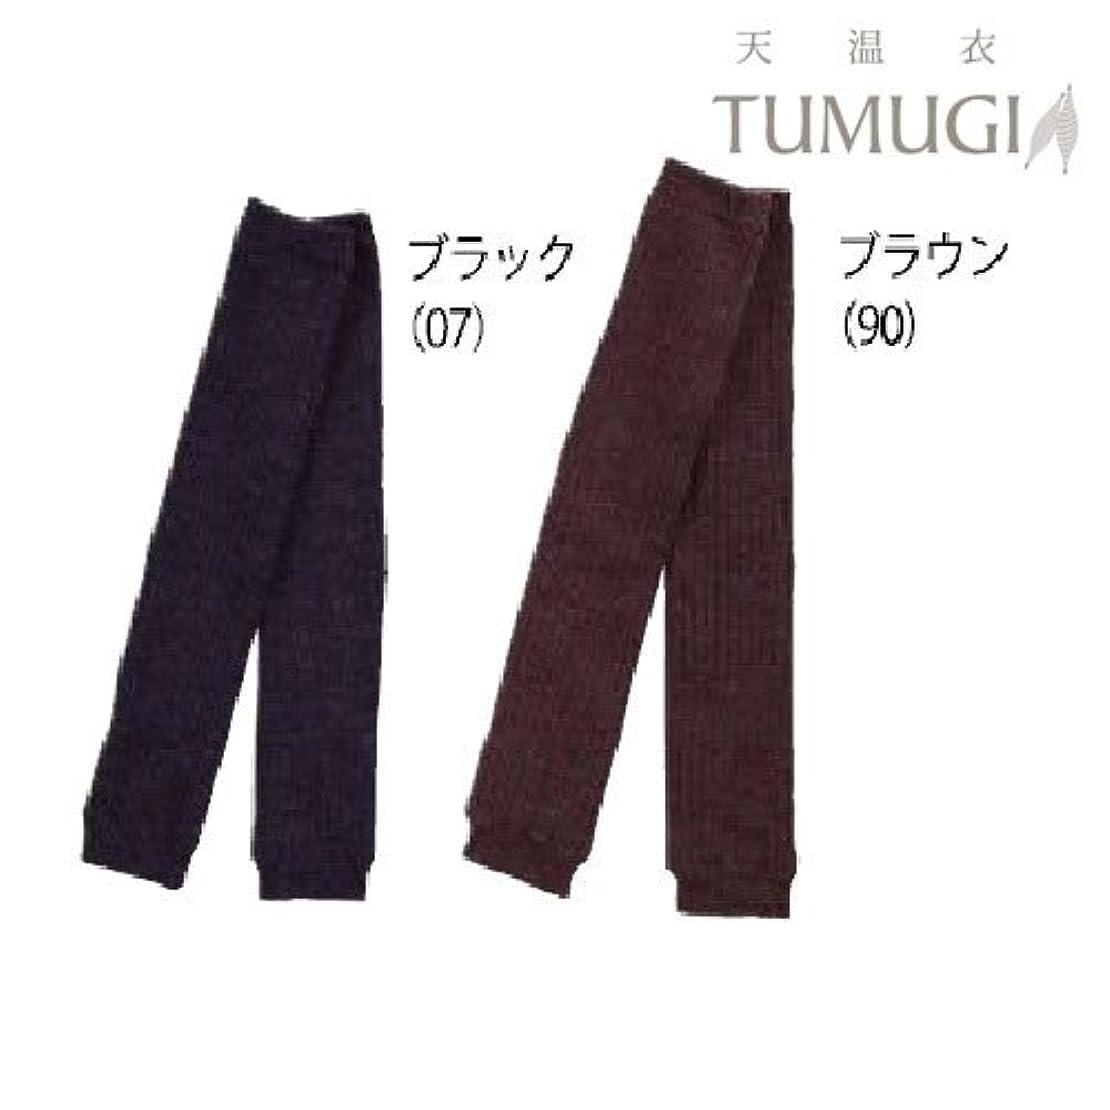 空中改善喜劇天温衣TUMUGI  ウールとシルクの2重編みレッグウォーマー (ブラック(黒))